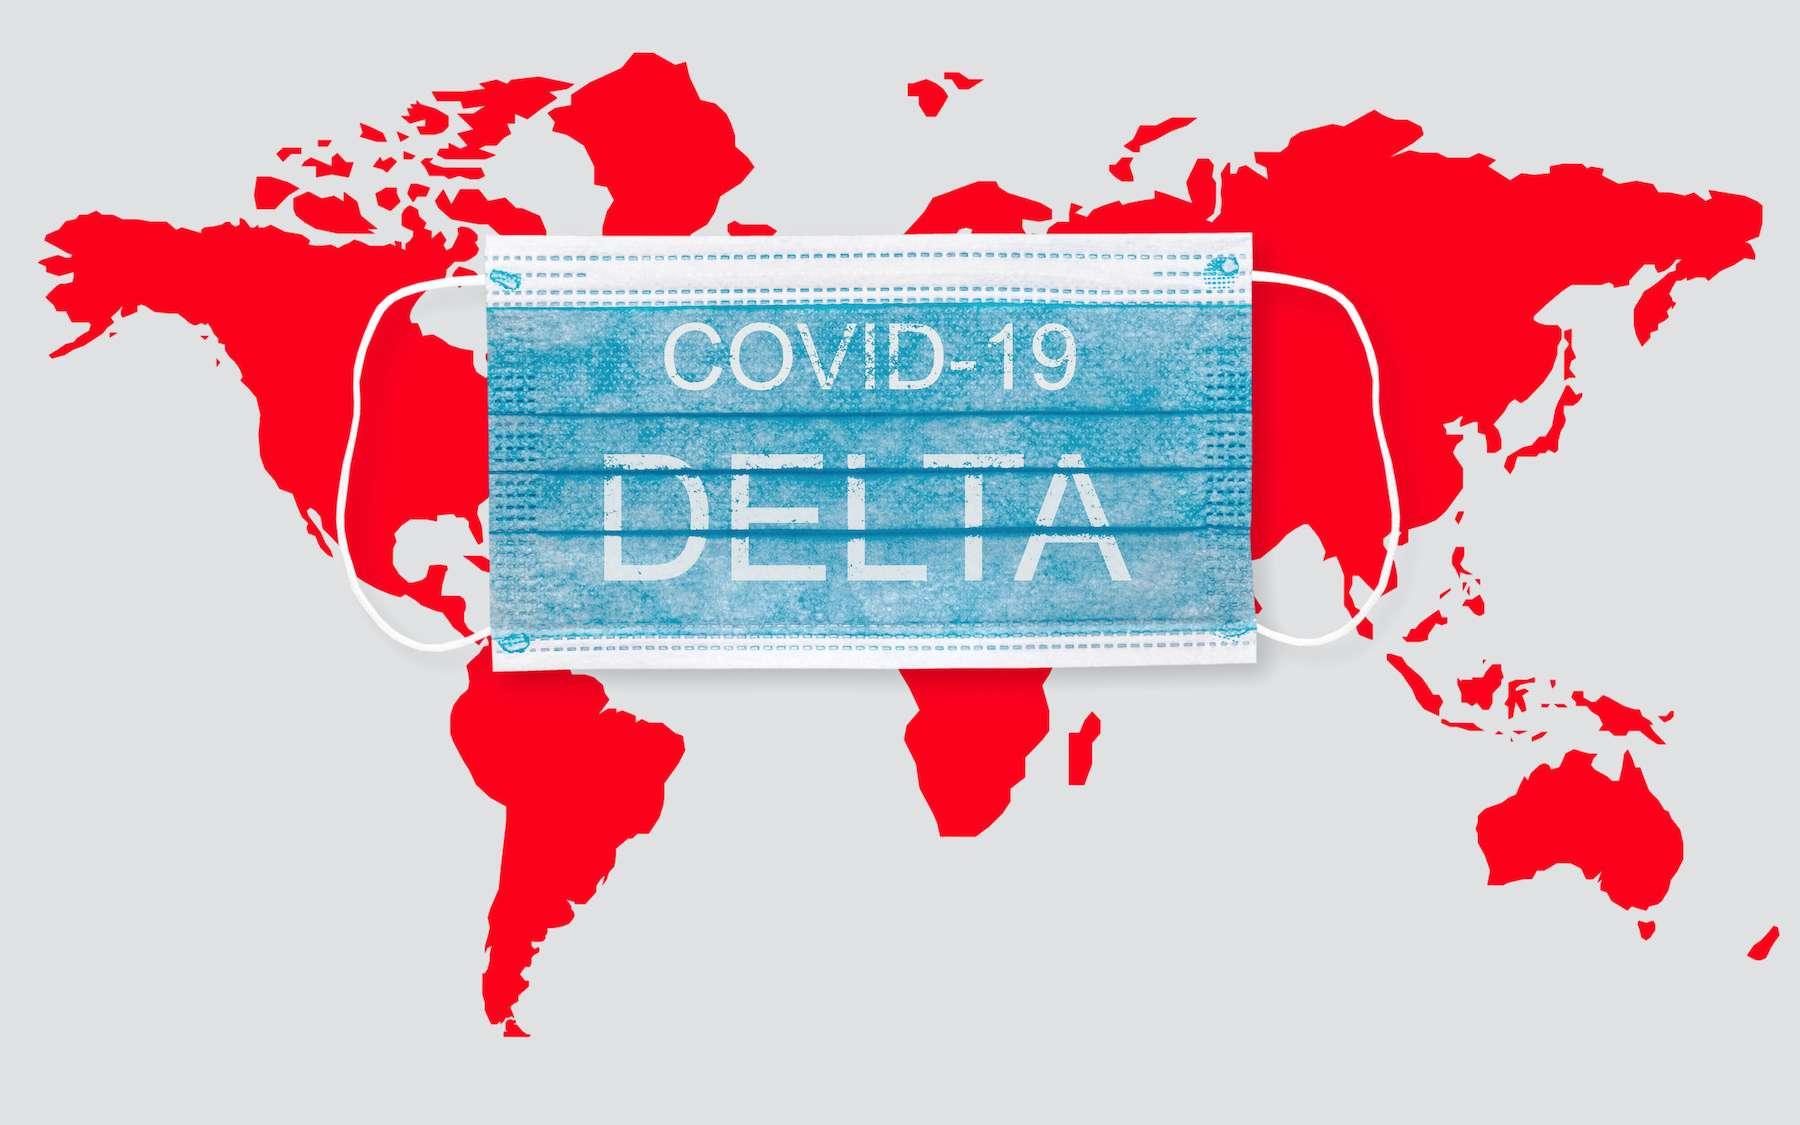 La haute transmissibilité du variant Delta ne permet plus d'envisager une immunité collective. © Tomas Ragina, Adobe Stock